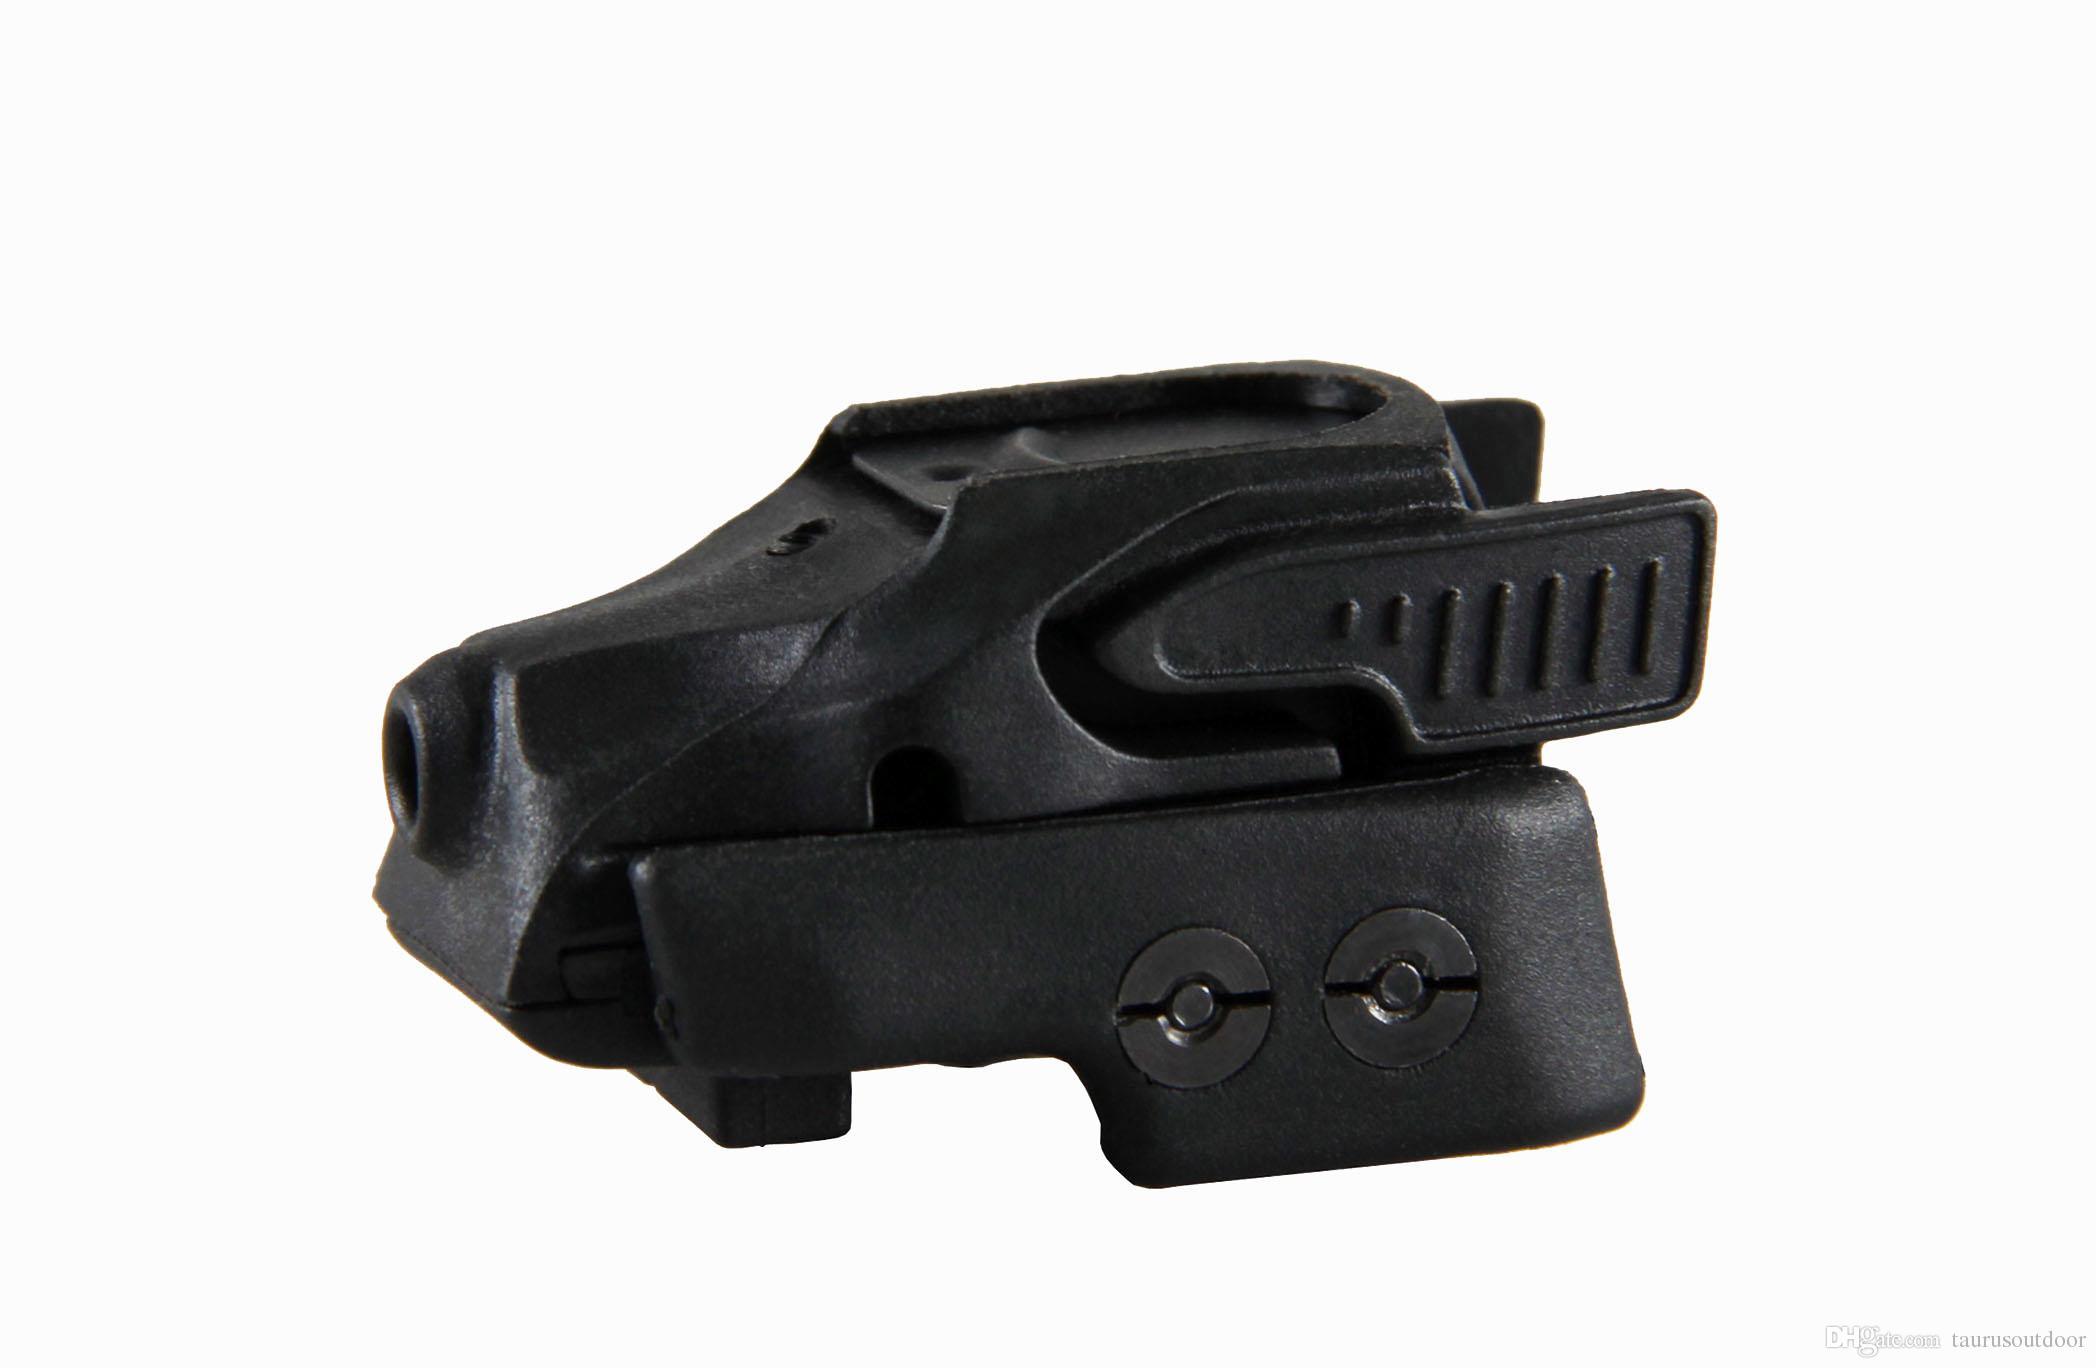 Visée laser rouge Crimson Trace CMR-201 Rail Master Sight avec mini-monture universelle pour pistolet pour chasse